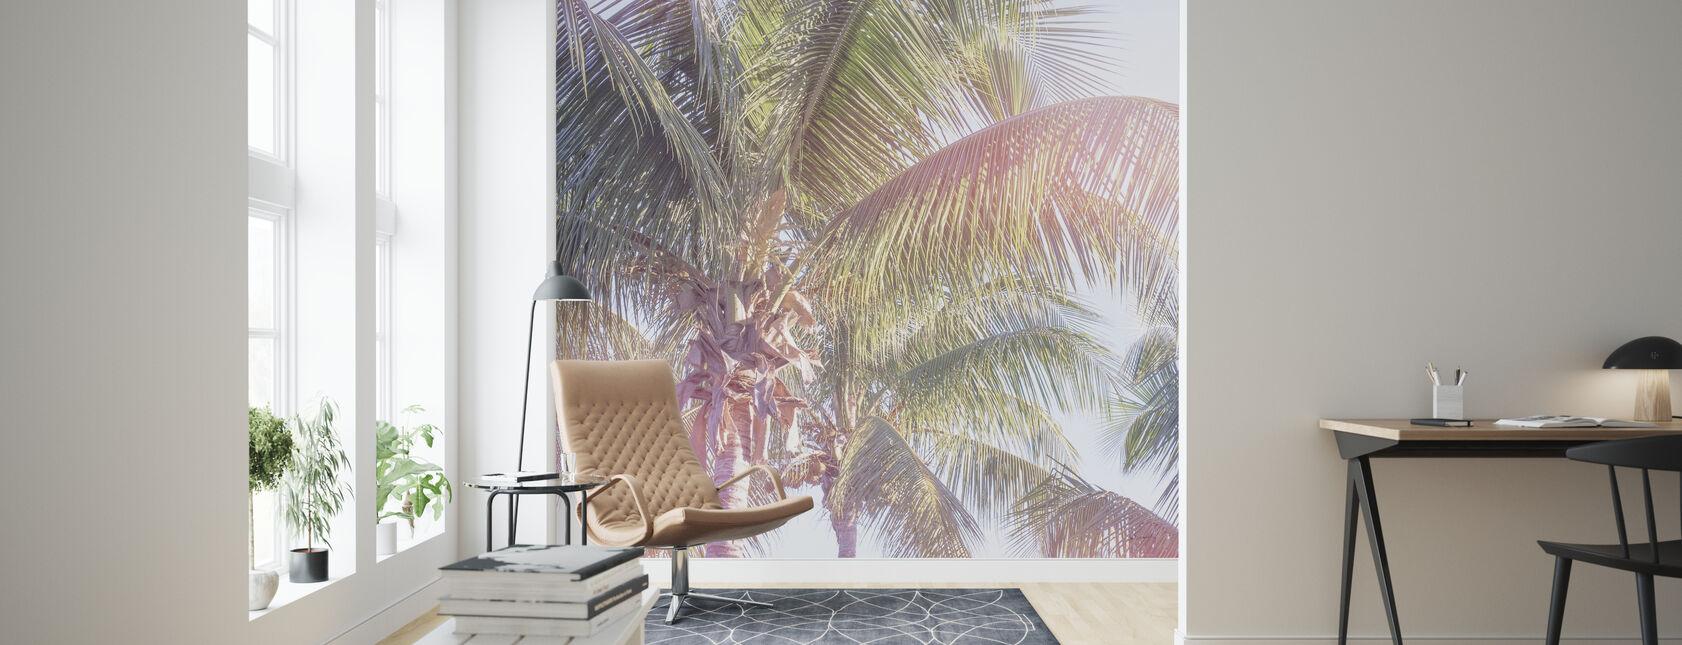 Droom Palm II - Behang - Woonkamer